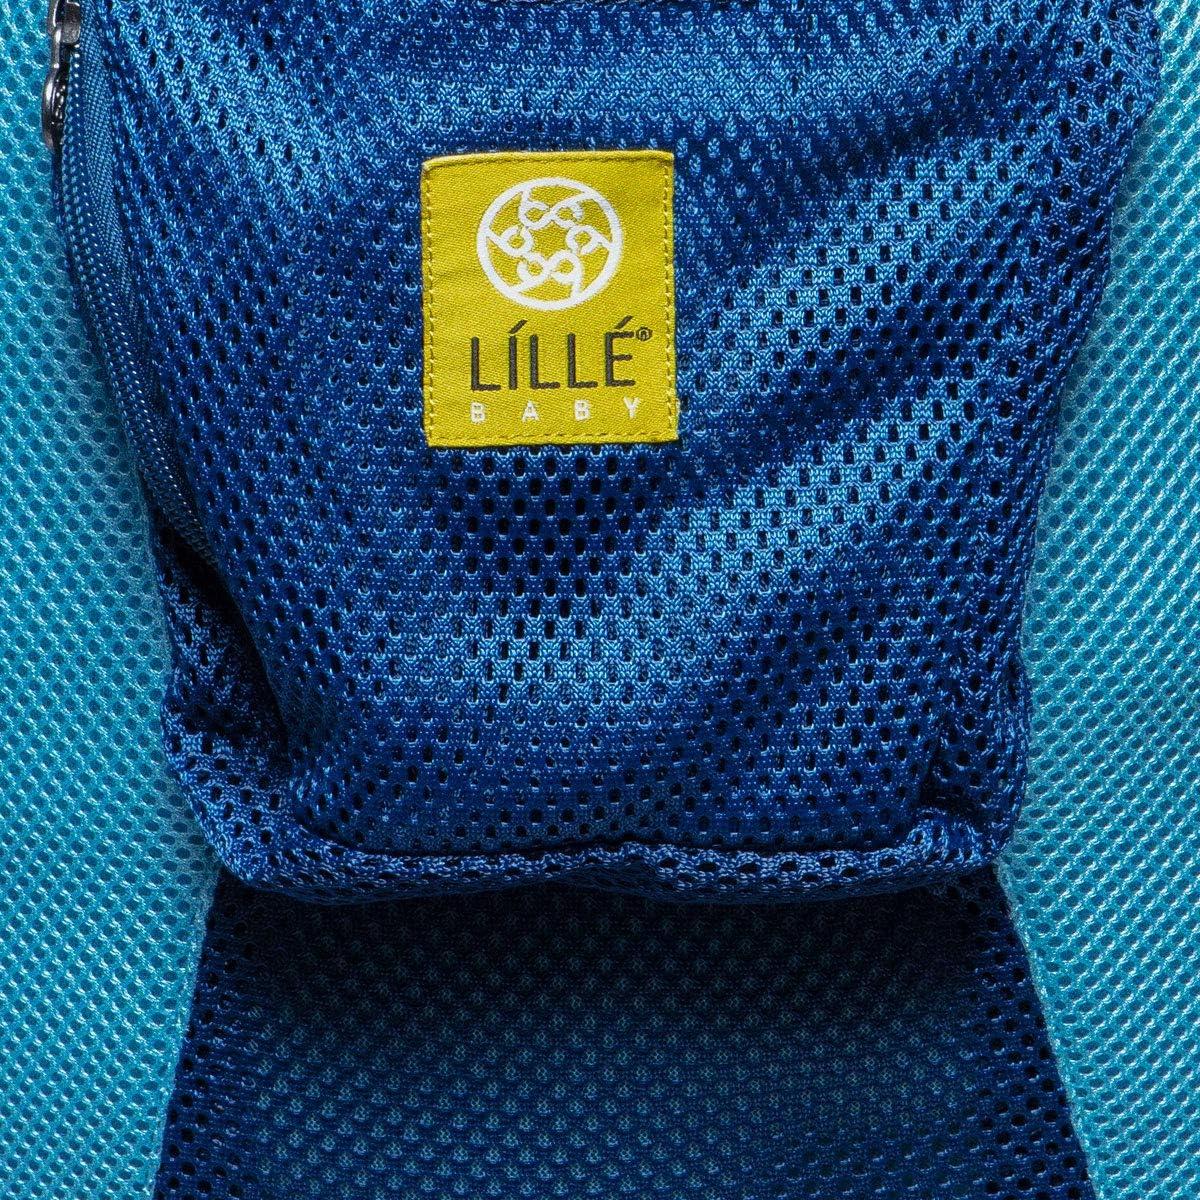 6 en 1 Azul Talla /única L/ÍLL/Ébaby Airflow azul con anclas Flujo de aire completo Portabeb/és transpirable para beb/é y ni/ño